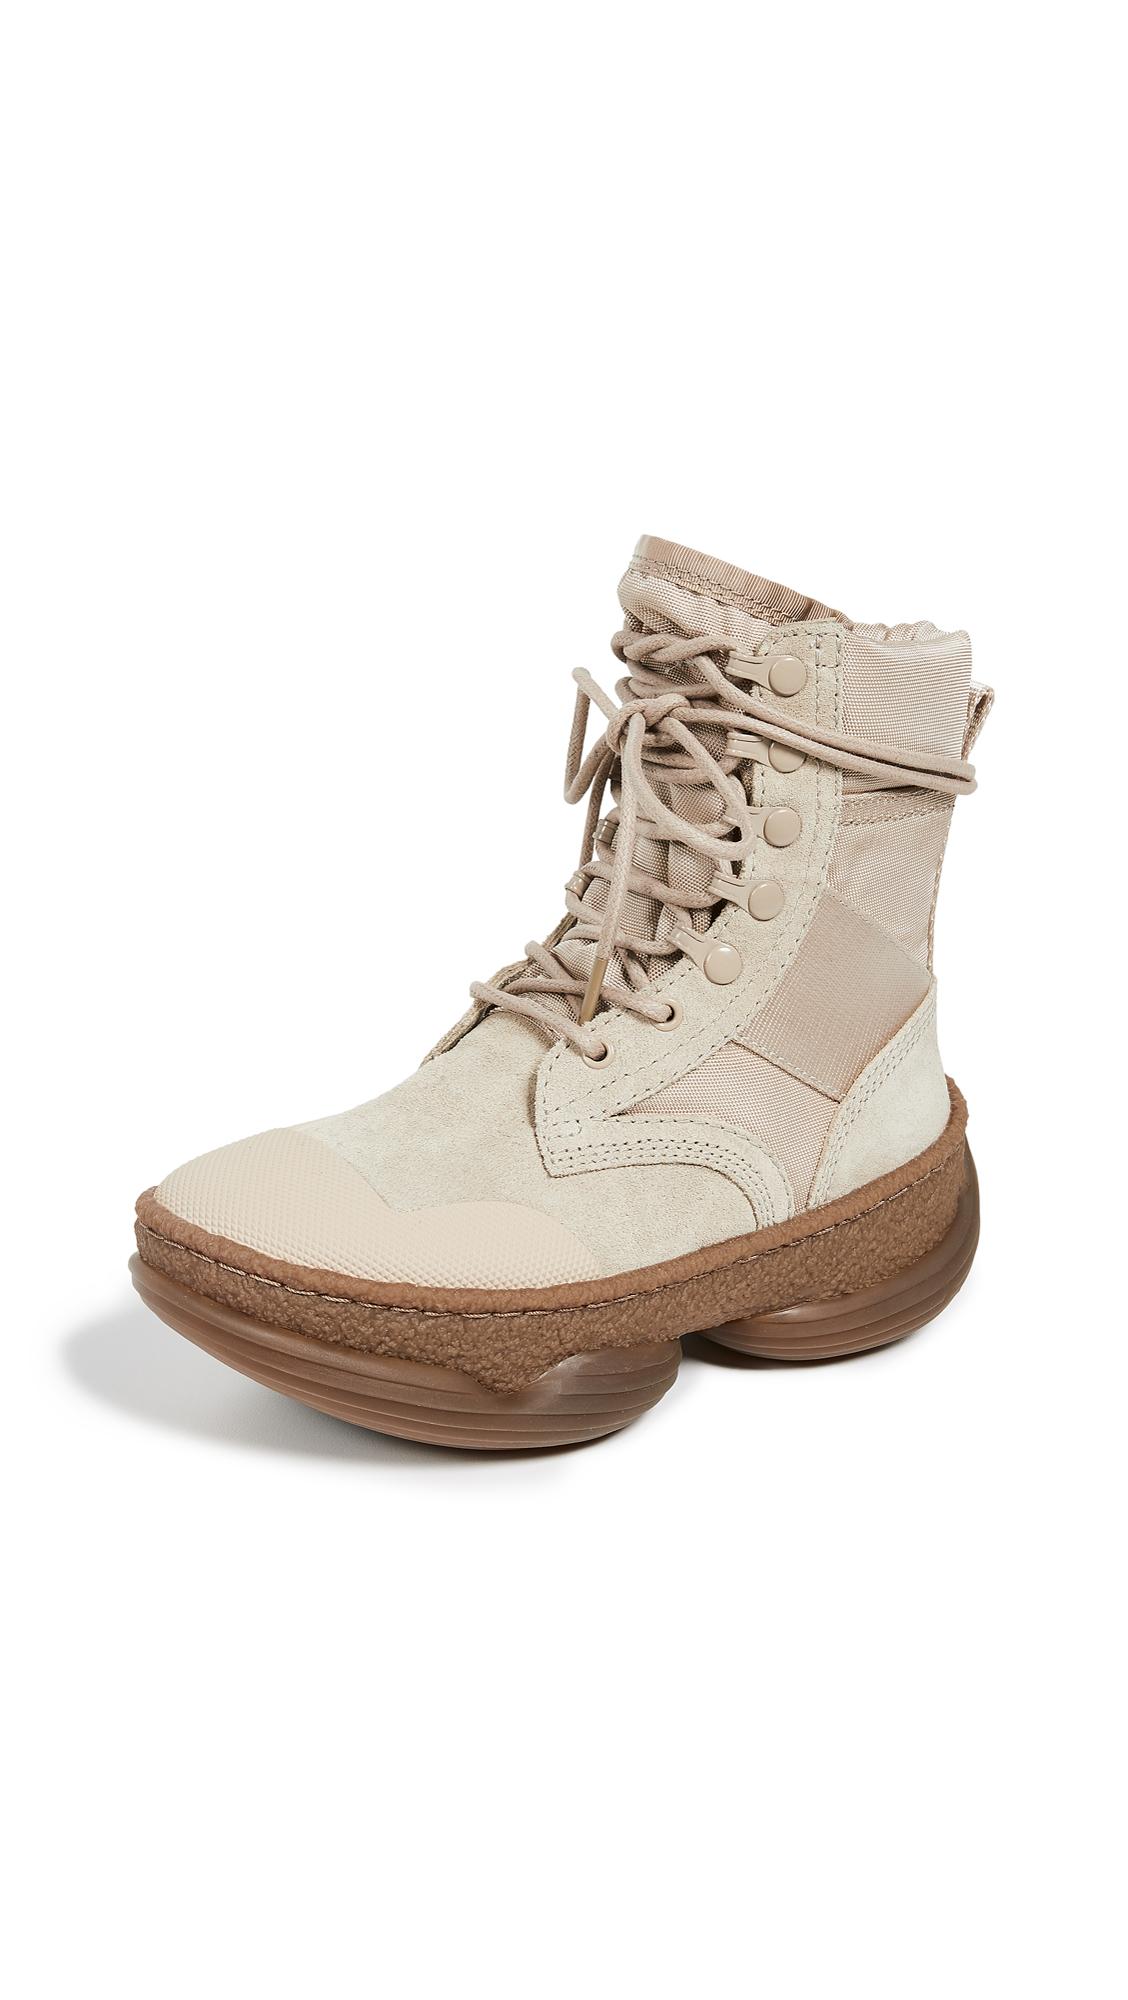 Alexander Wang A1 Combat Boots - Sand